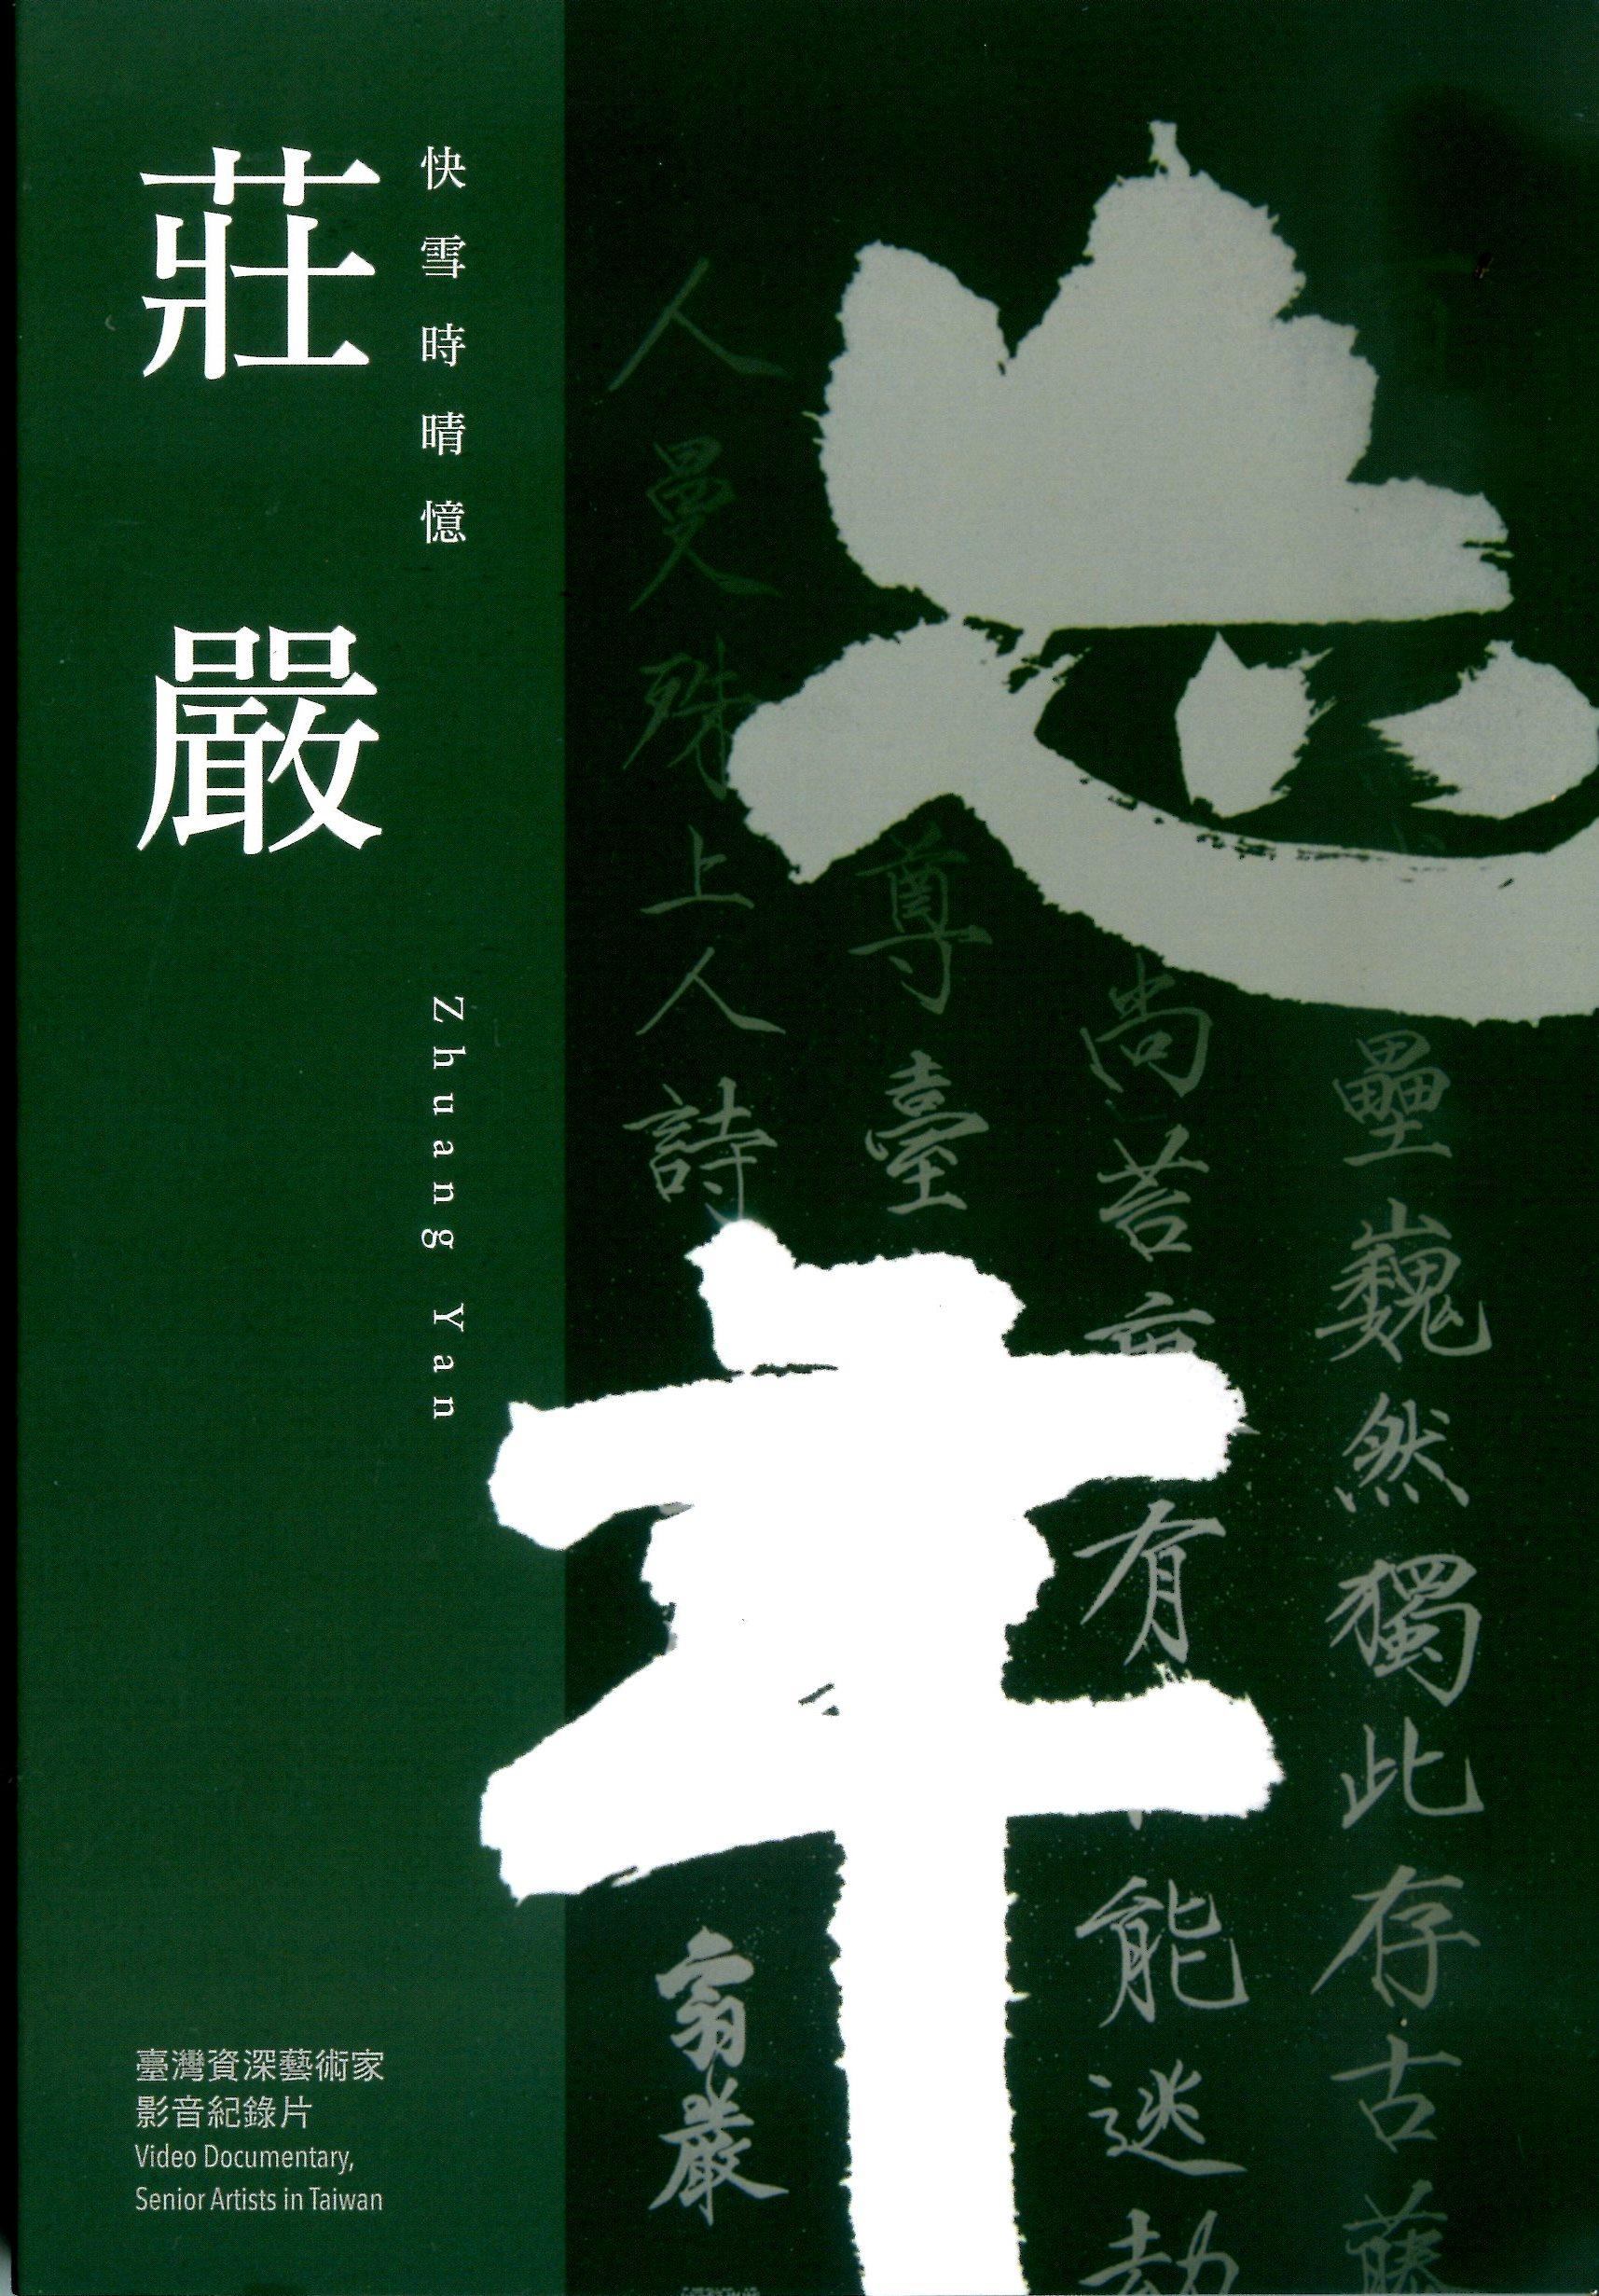 快雪時晴憶 莊嚴 :  臺灣資深藝術家影音紀錄片= Zhuang Yan : Video Documentary, Senior Artists in Taiwan. /